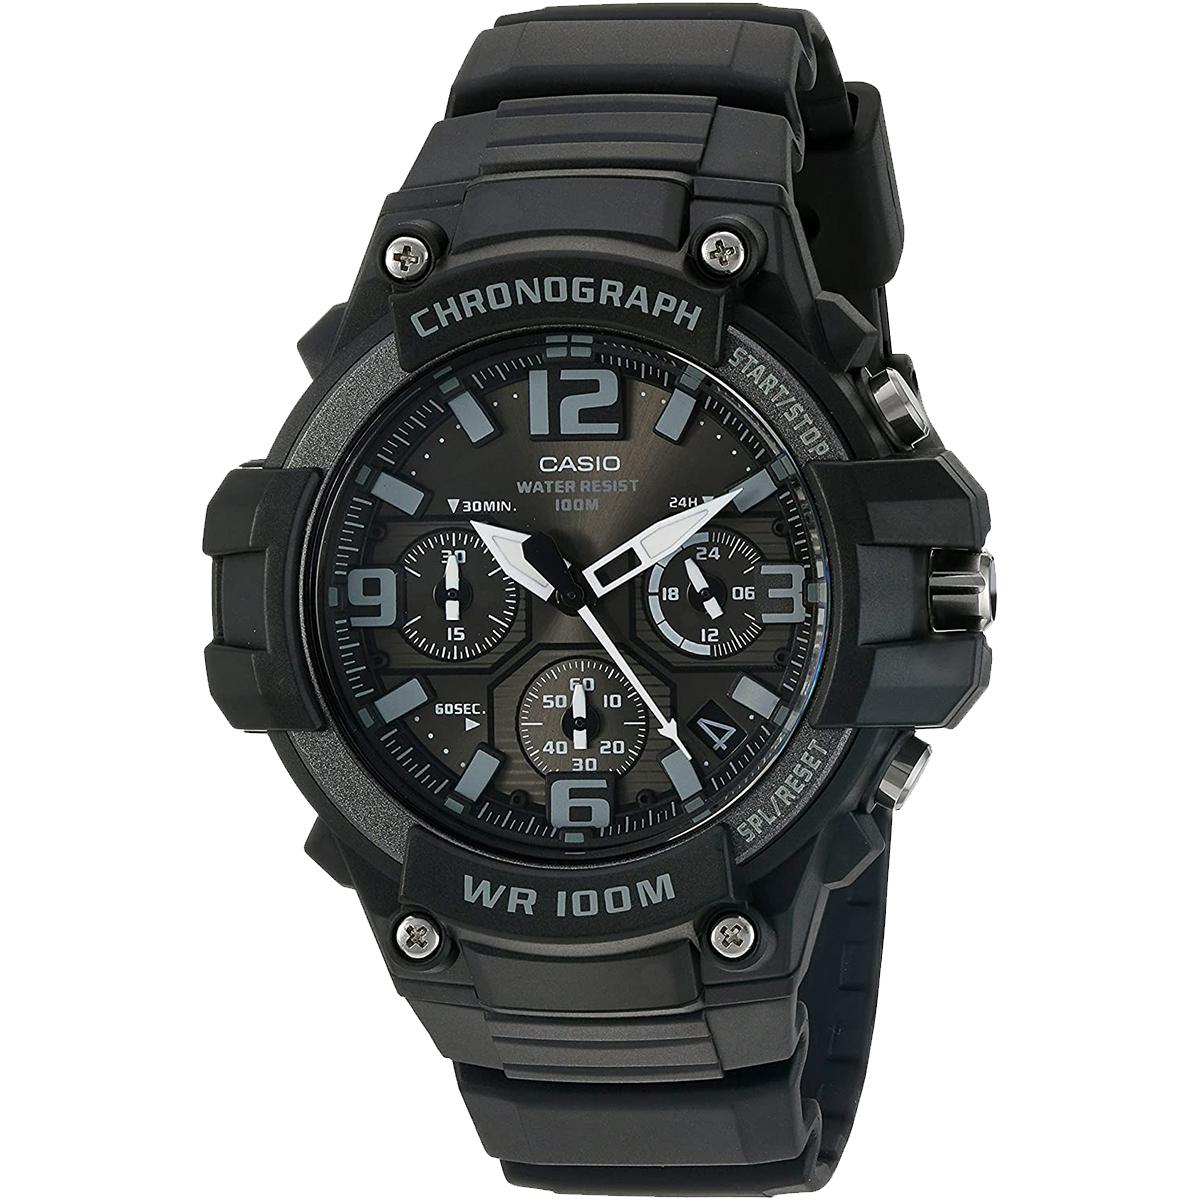 格安SALEスタート カシオ 海外正規品 送料無料 あす楽 全品送料無料 チプカシ CASIO 店舗 MCW-100H-1A3 チープカシオ クオーツ レディース 時計 腕時計 メンズ アナログ